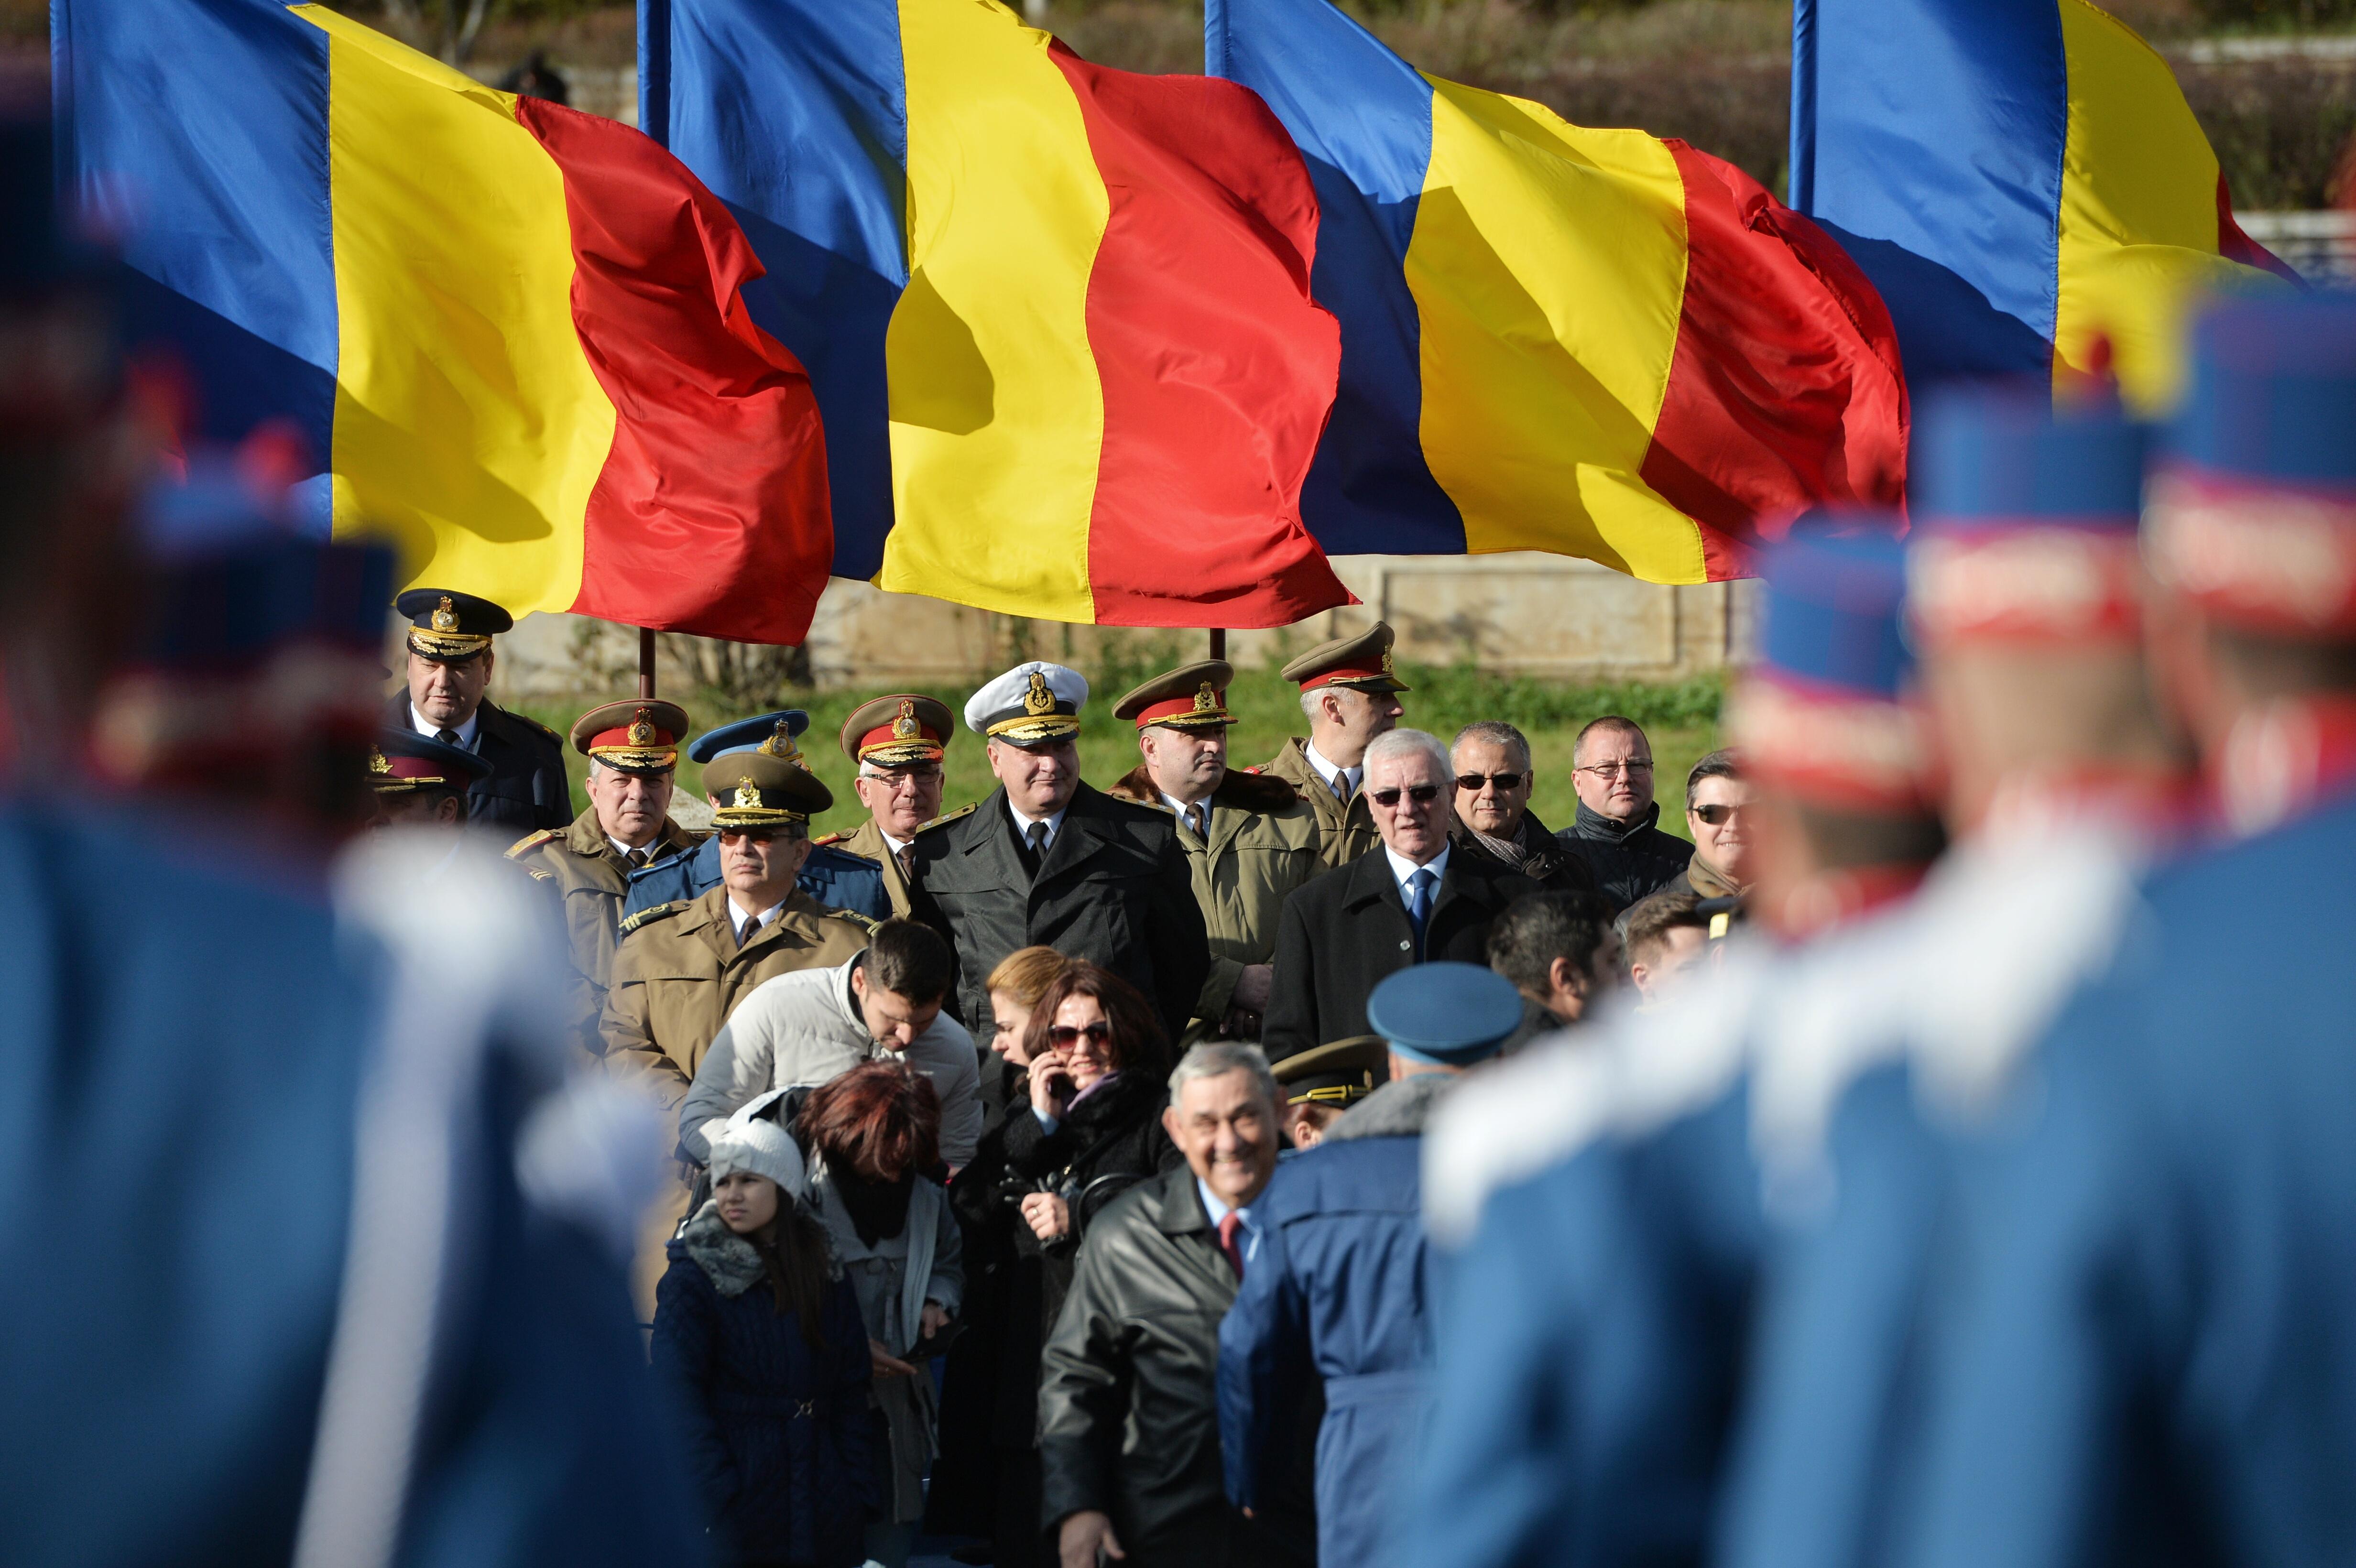 Retragerea GENERALILOR. Şeful Jandarmeriei Române şi alţi 17 generali şi contraamirali SRI şi MApN trec în rezervă. Pensionări la vârful principalelor instituţii militare din România